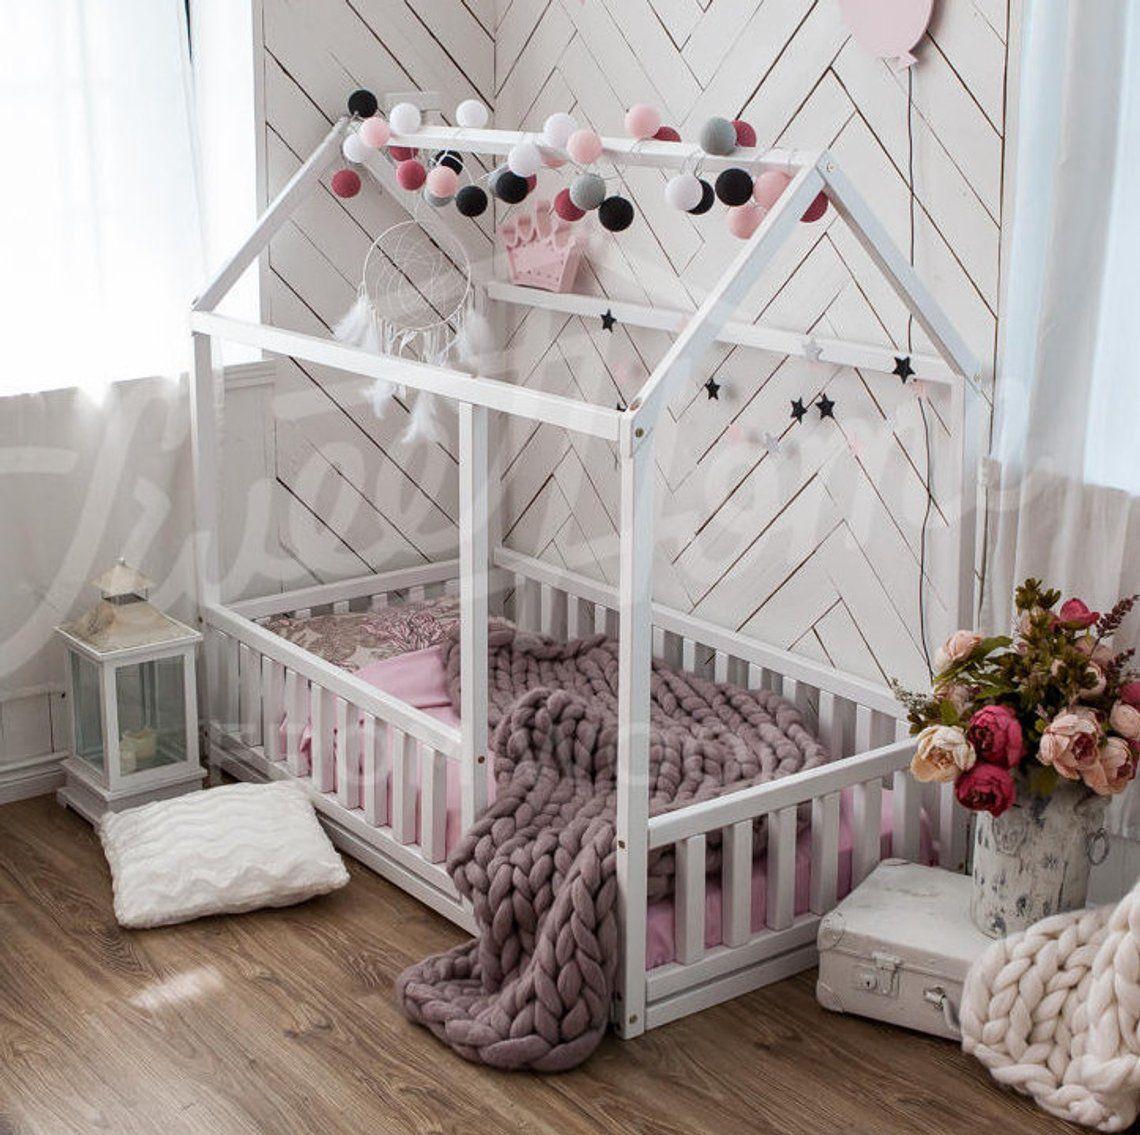 Lit de maison pour enfants de tipi de meubles d'enfant d